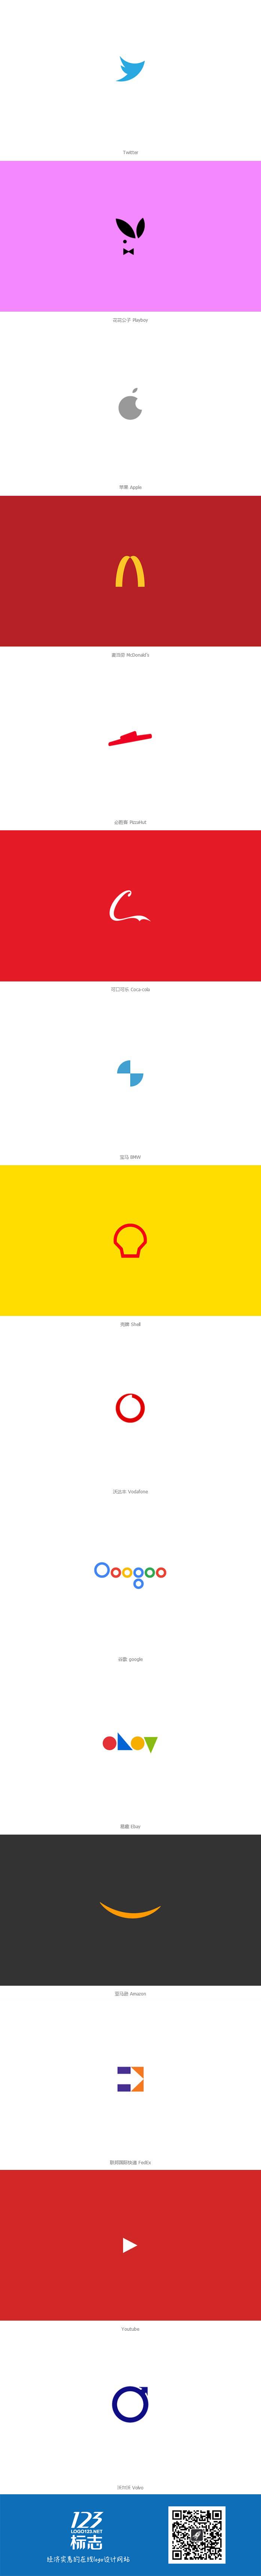 当麦当劳google亚马逊这些世界著名品牌的logo极简后,你还认得几个